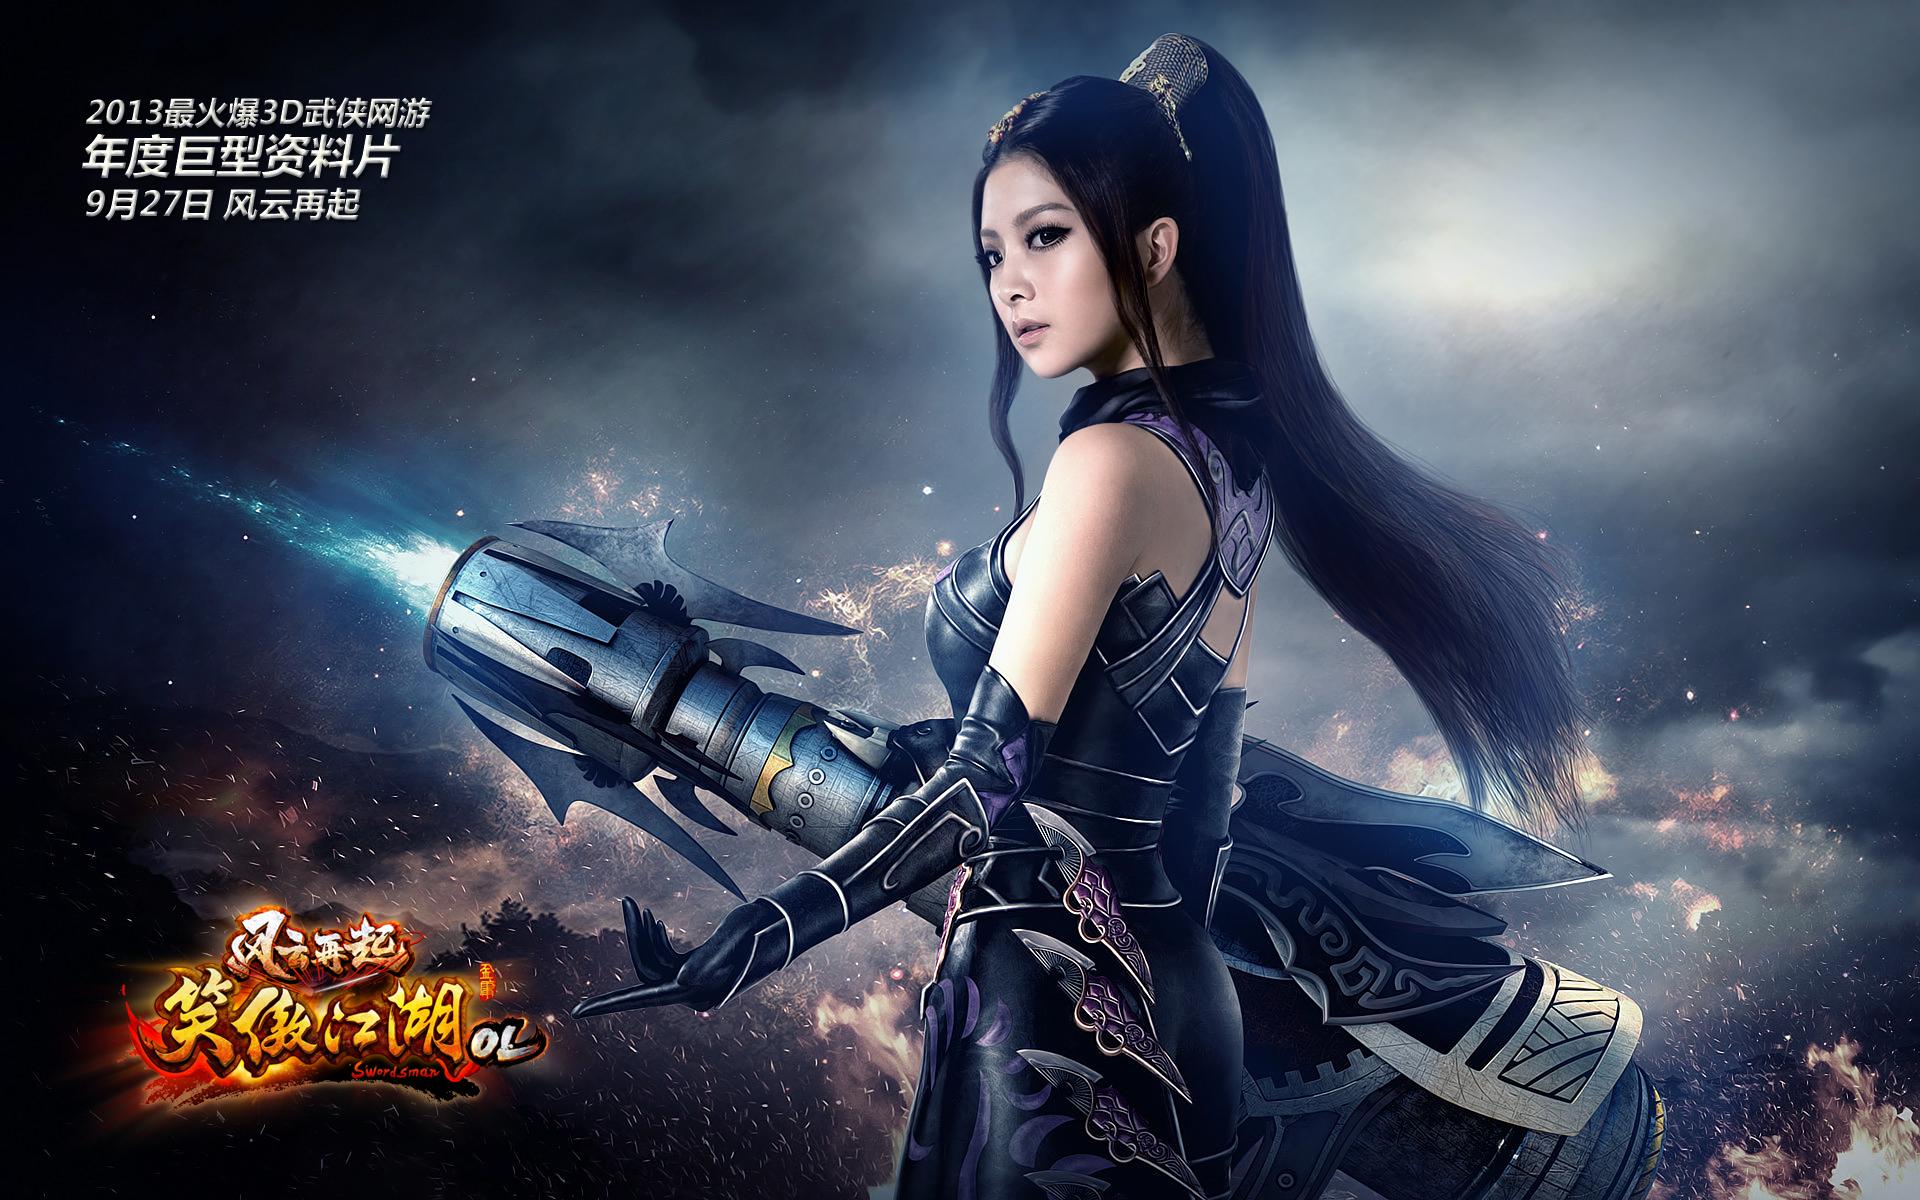 游戏壁纸 -《笑傲江湖ol》官方网站